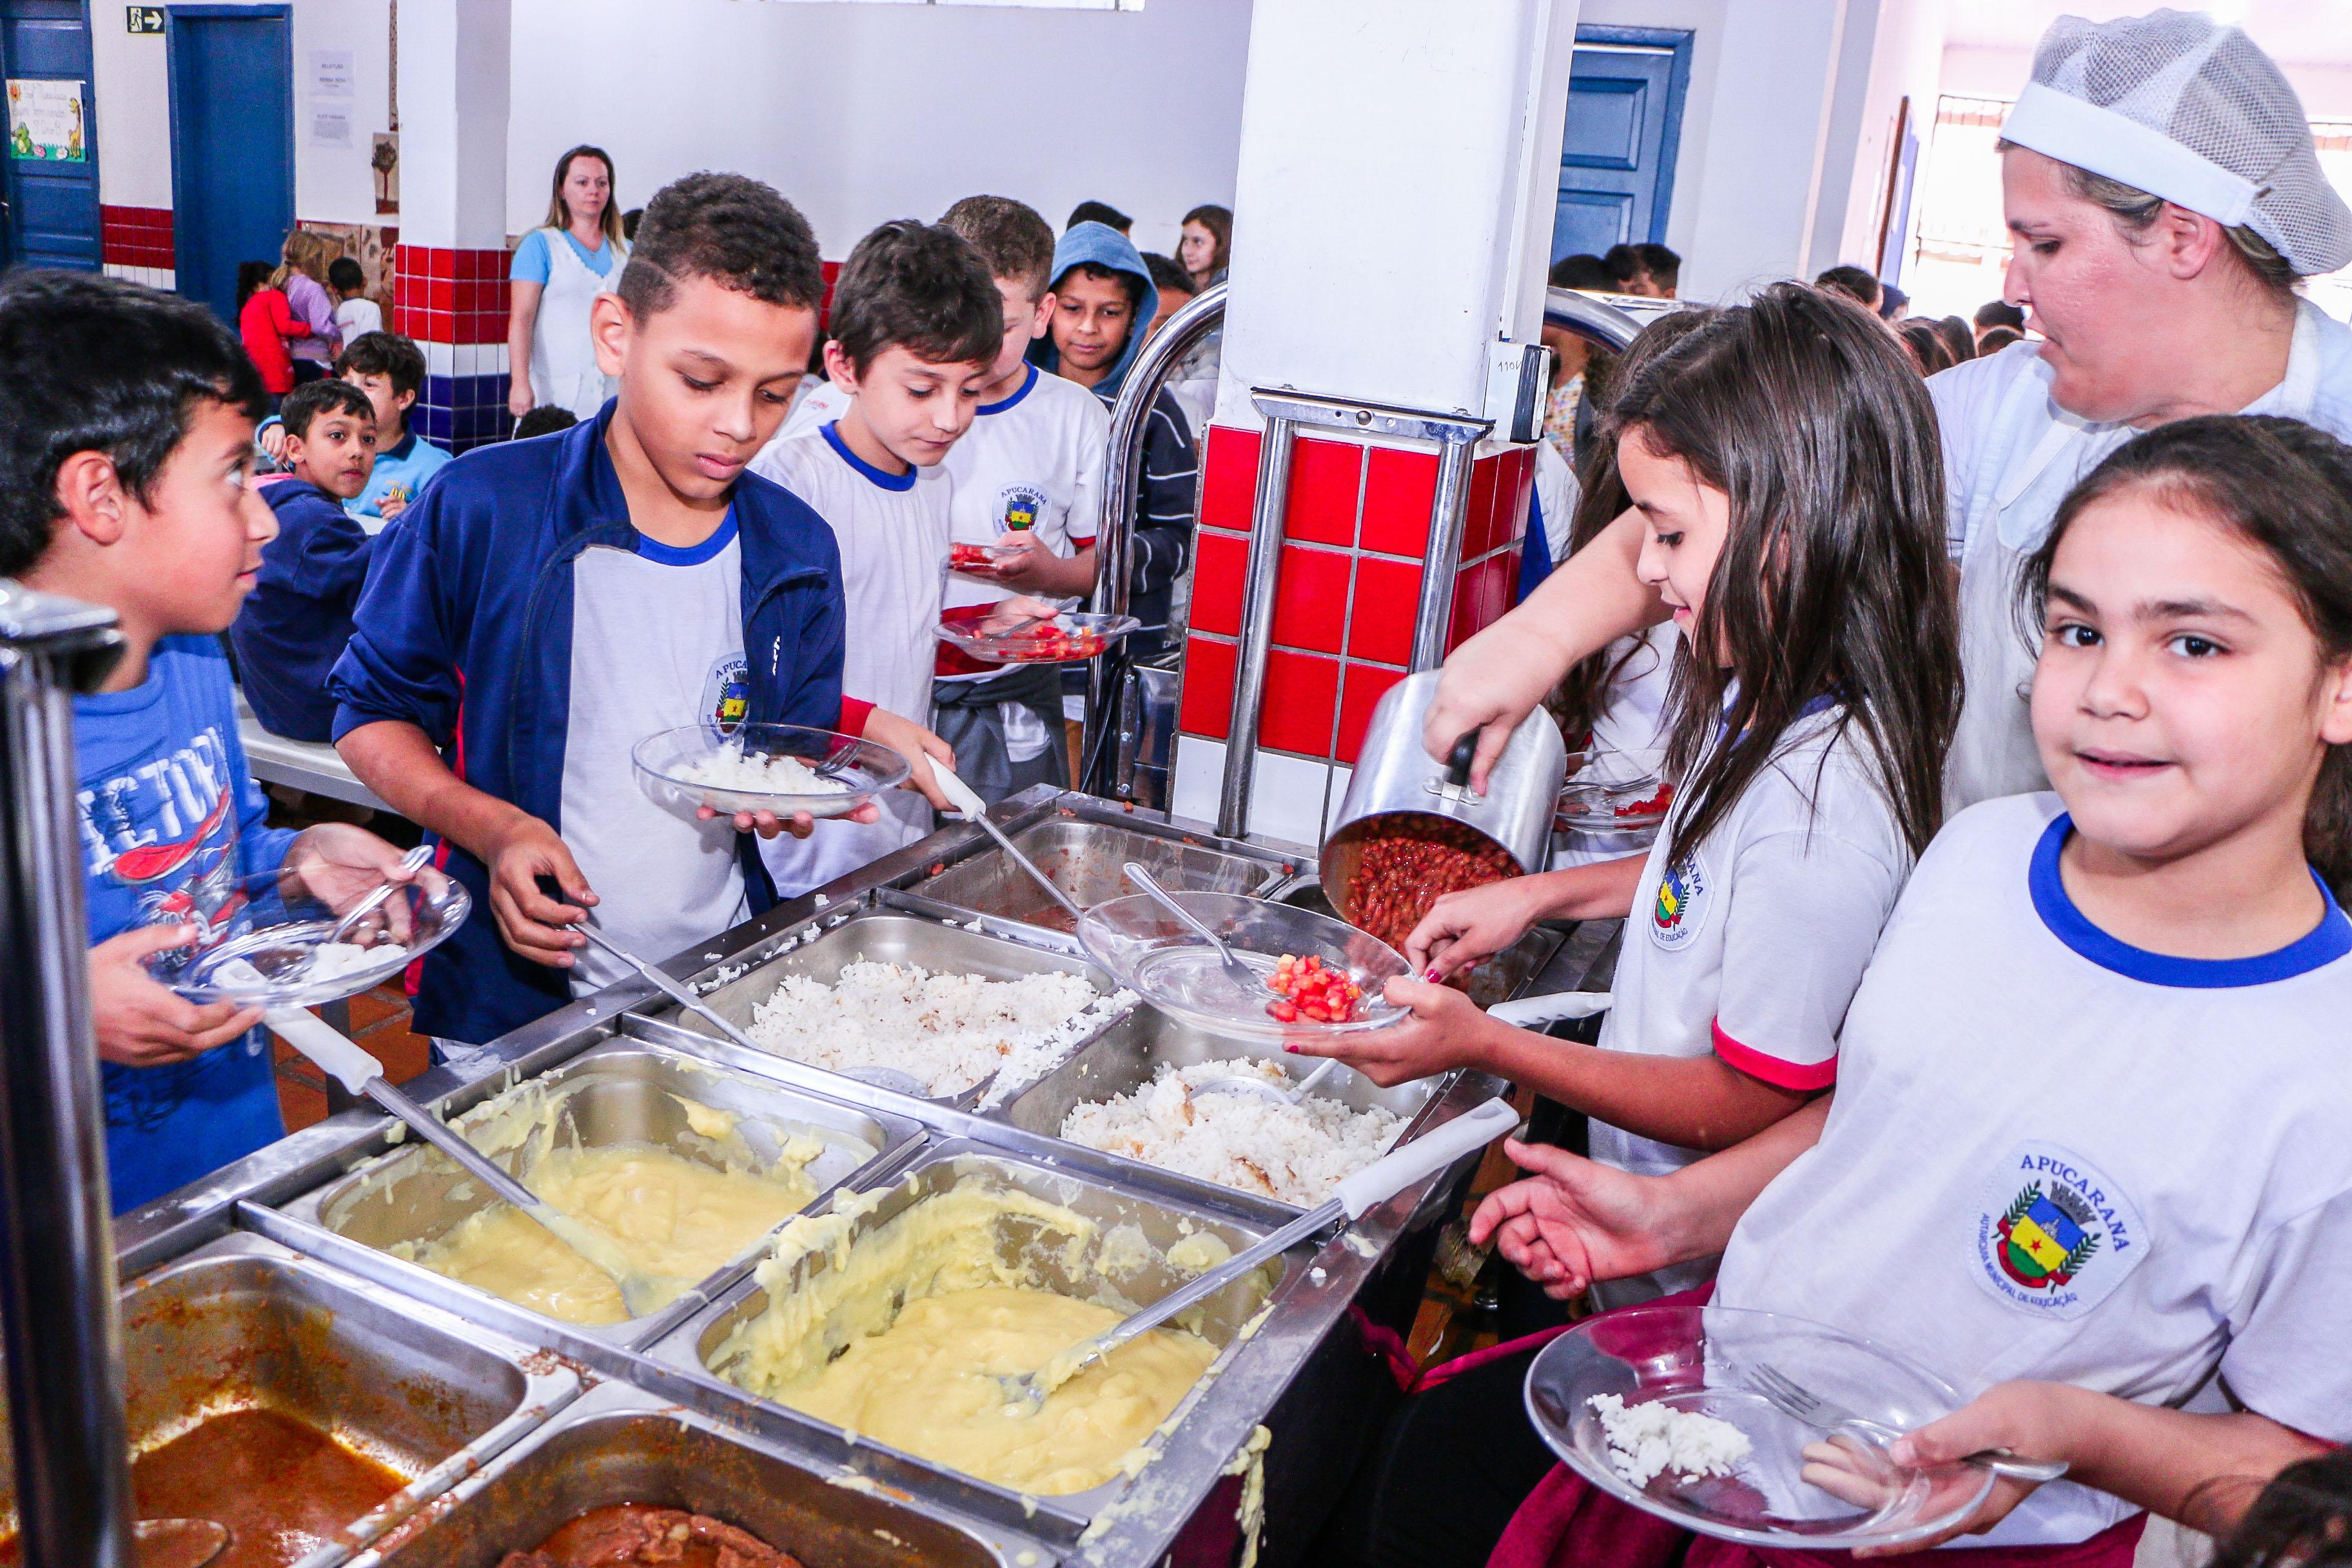 Apucarana divulga cardápios da alimentação escolar para o mês de fevereiro